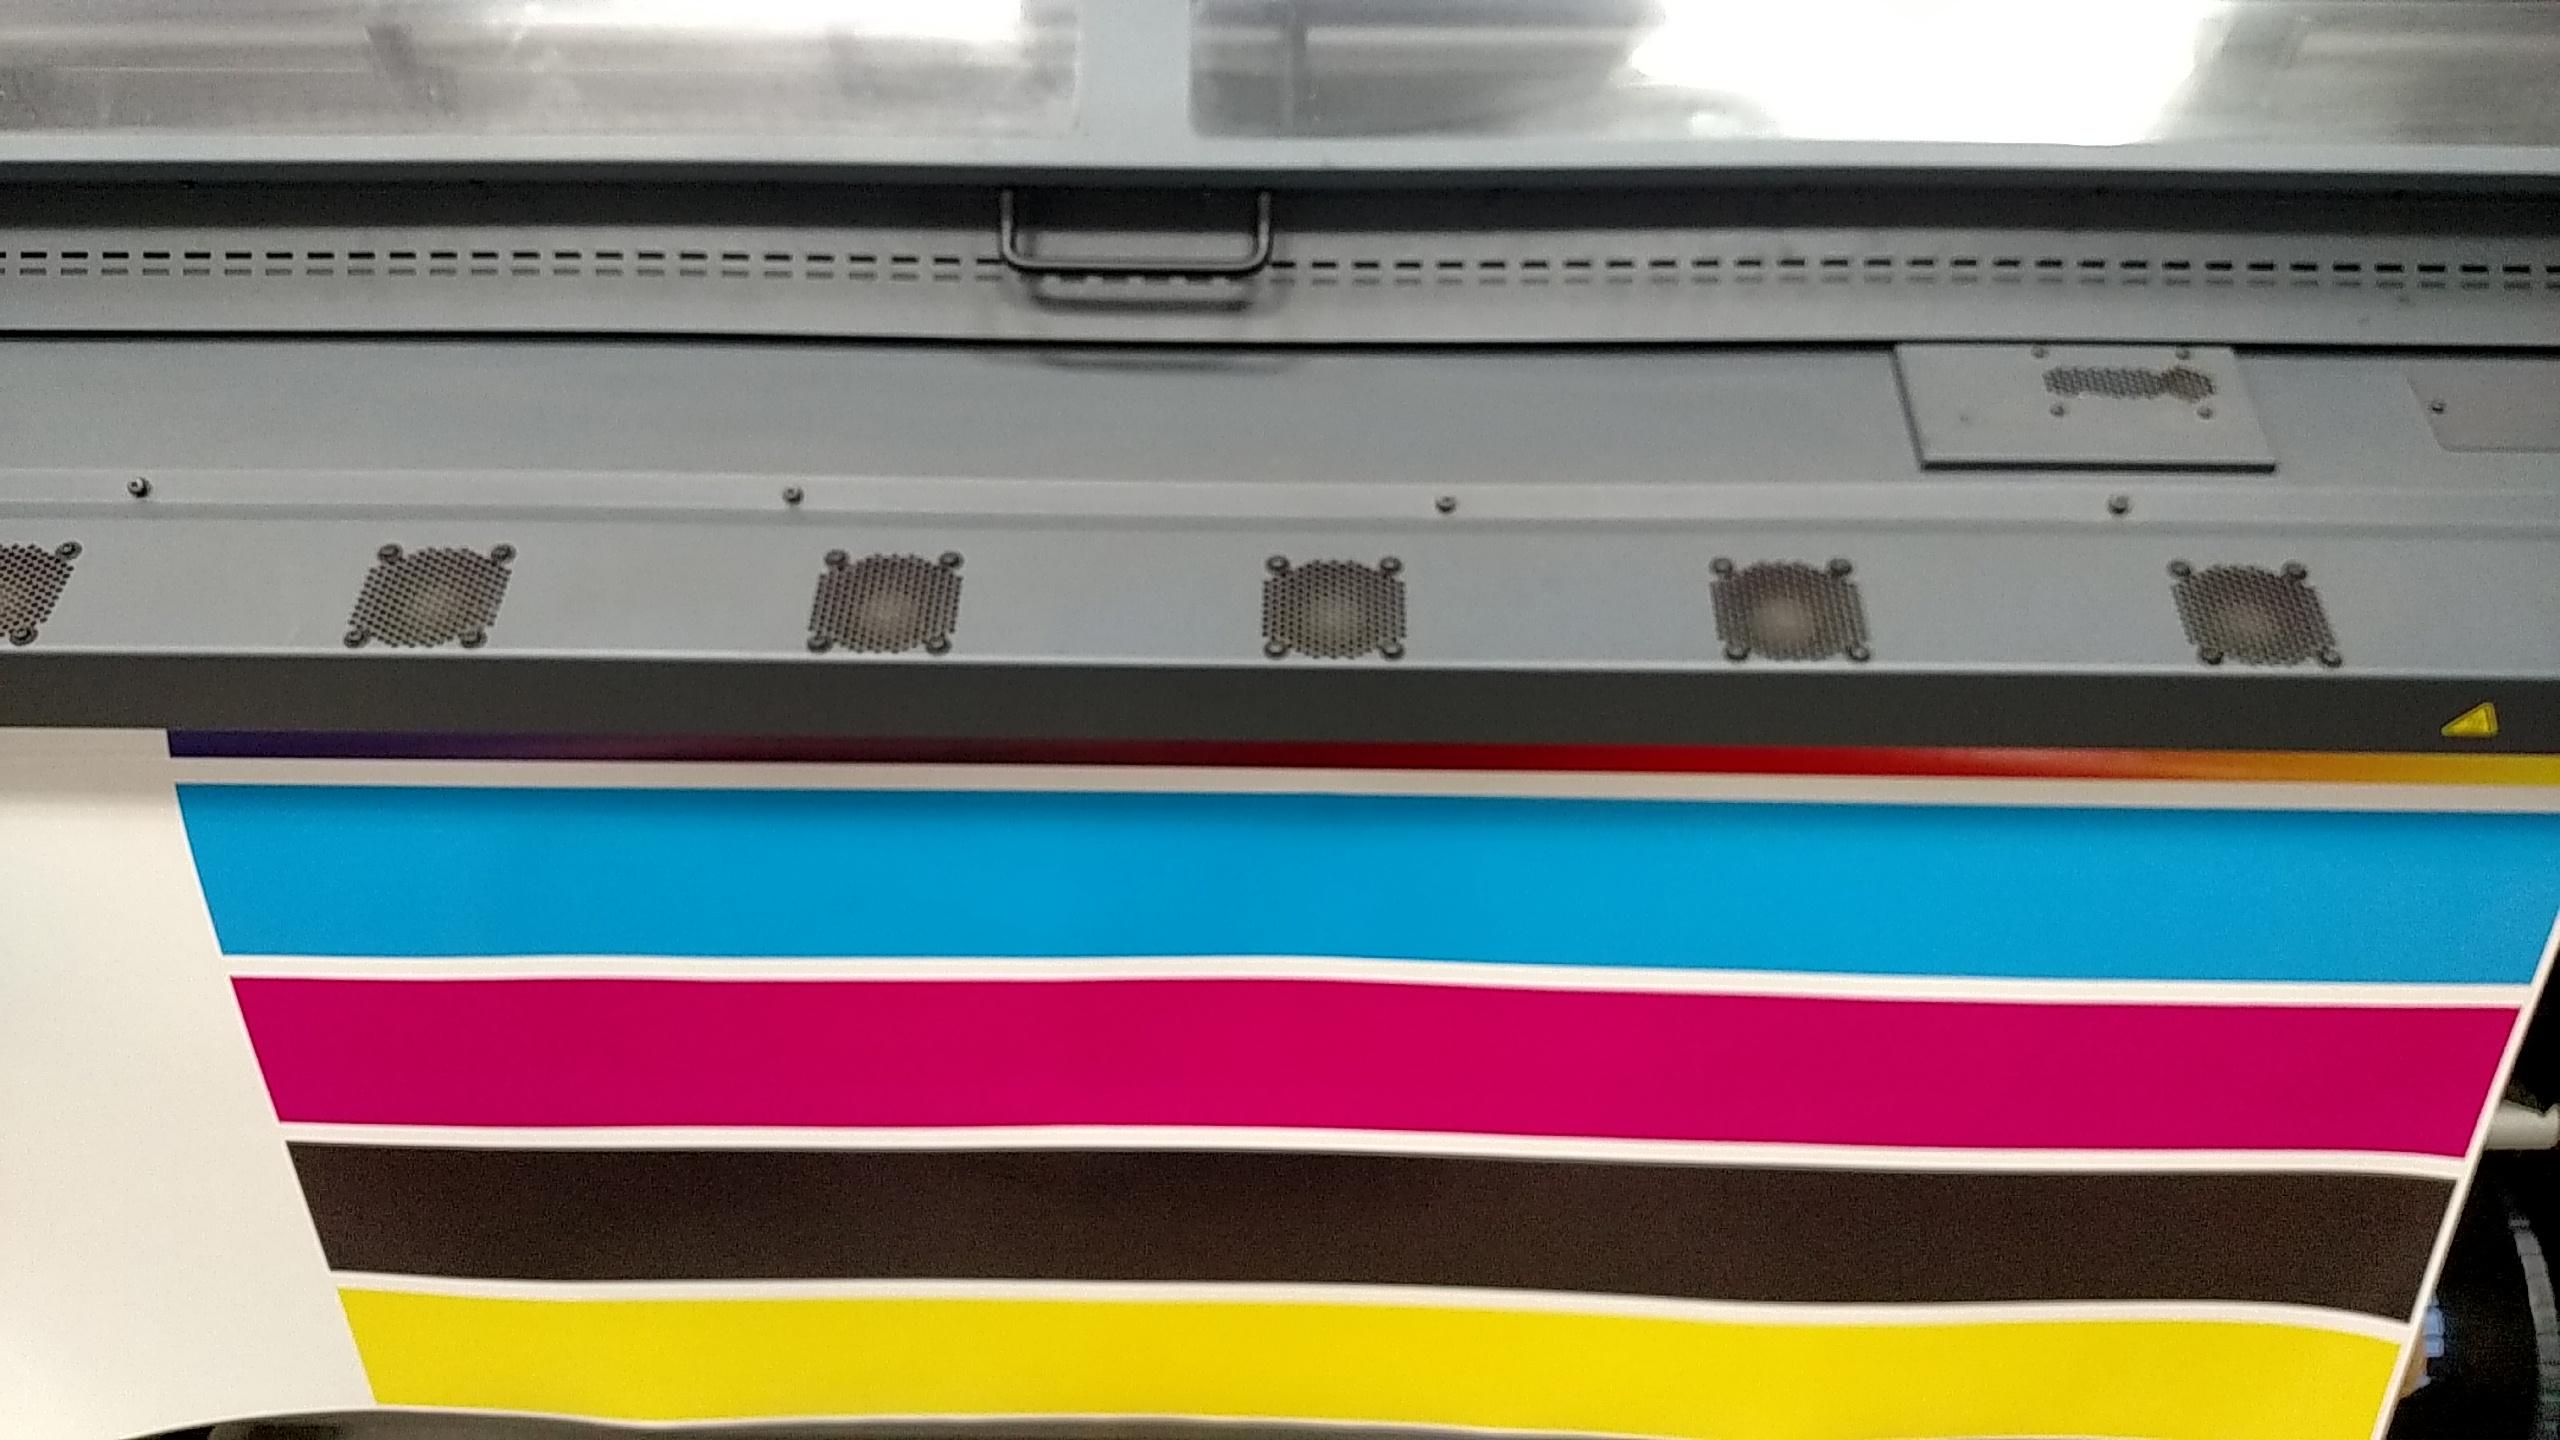 l25500 latex printer